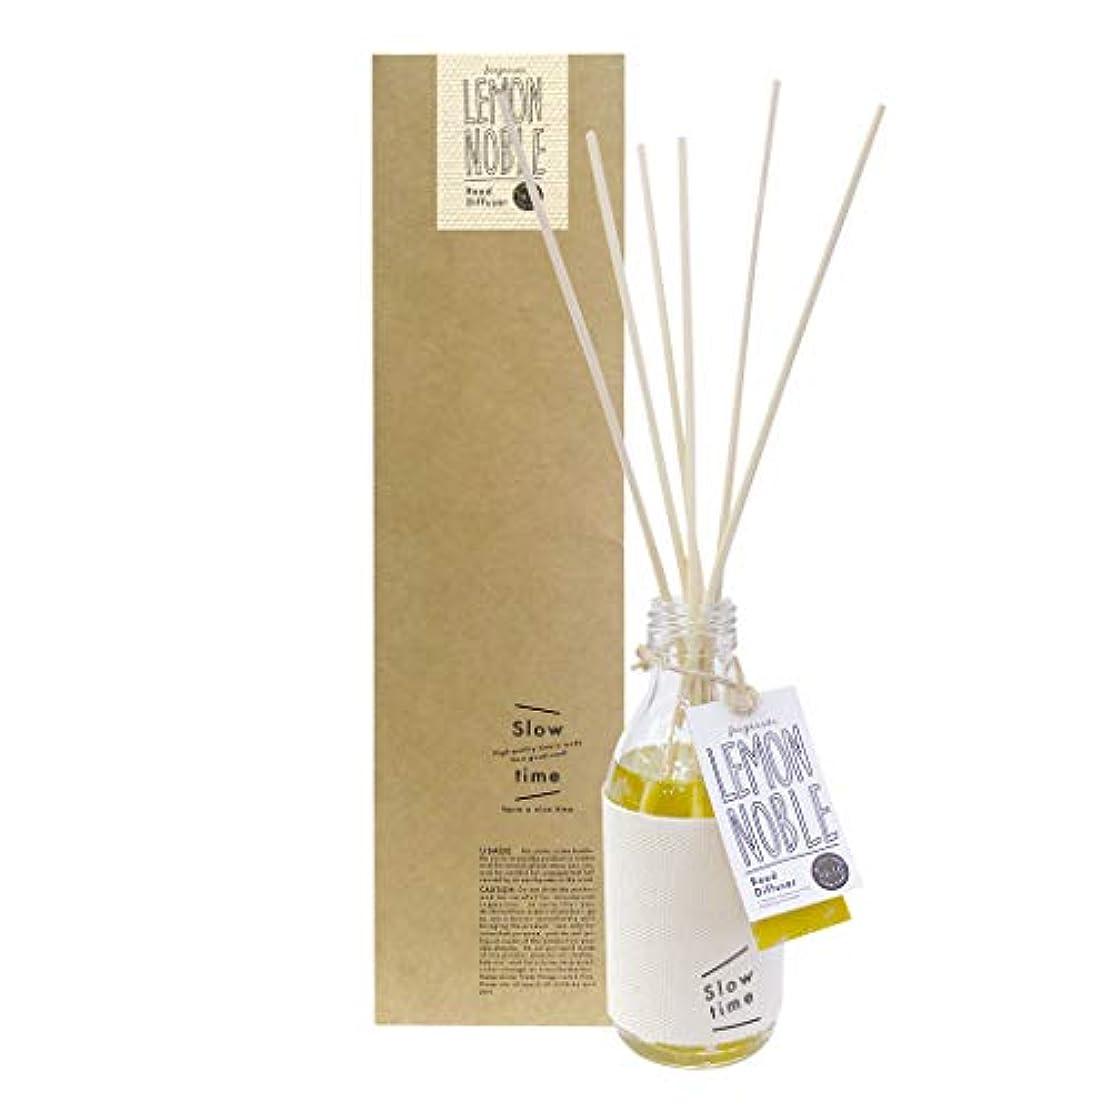 コンセンサス封建葉ノルコーポレーション リードディフューザー スロータイム レモンノーブル 柑橘とスパイスの香り 150ml SWT-1-01